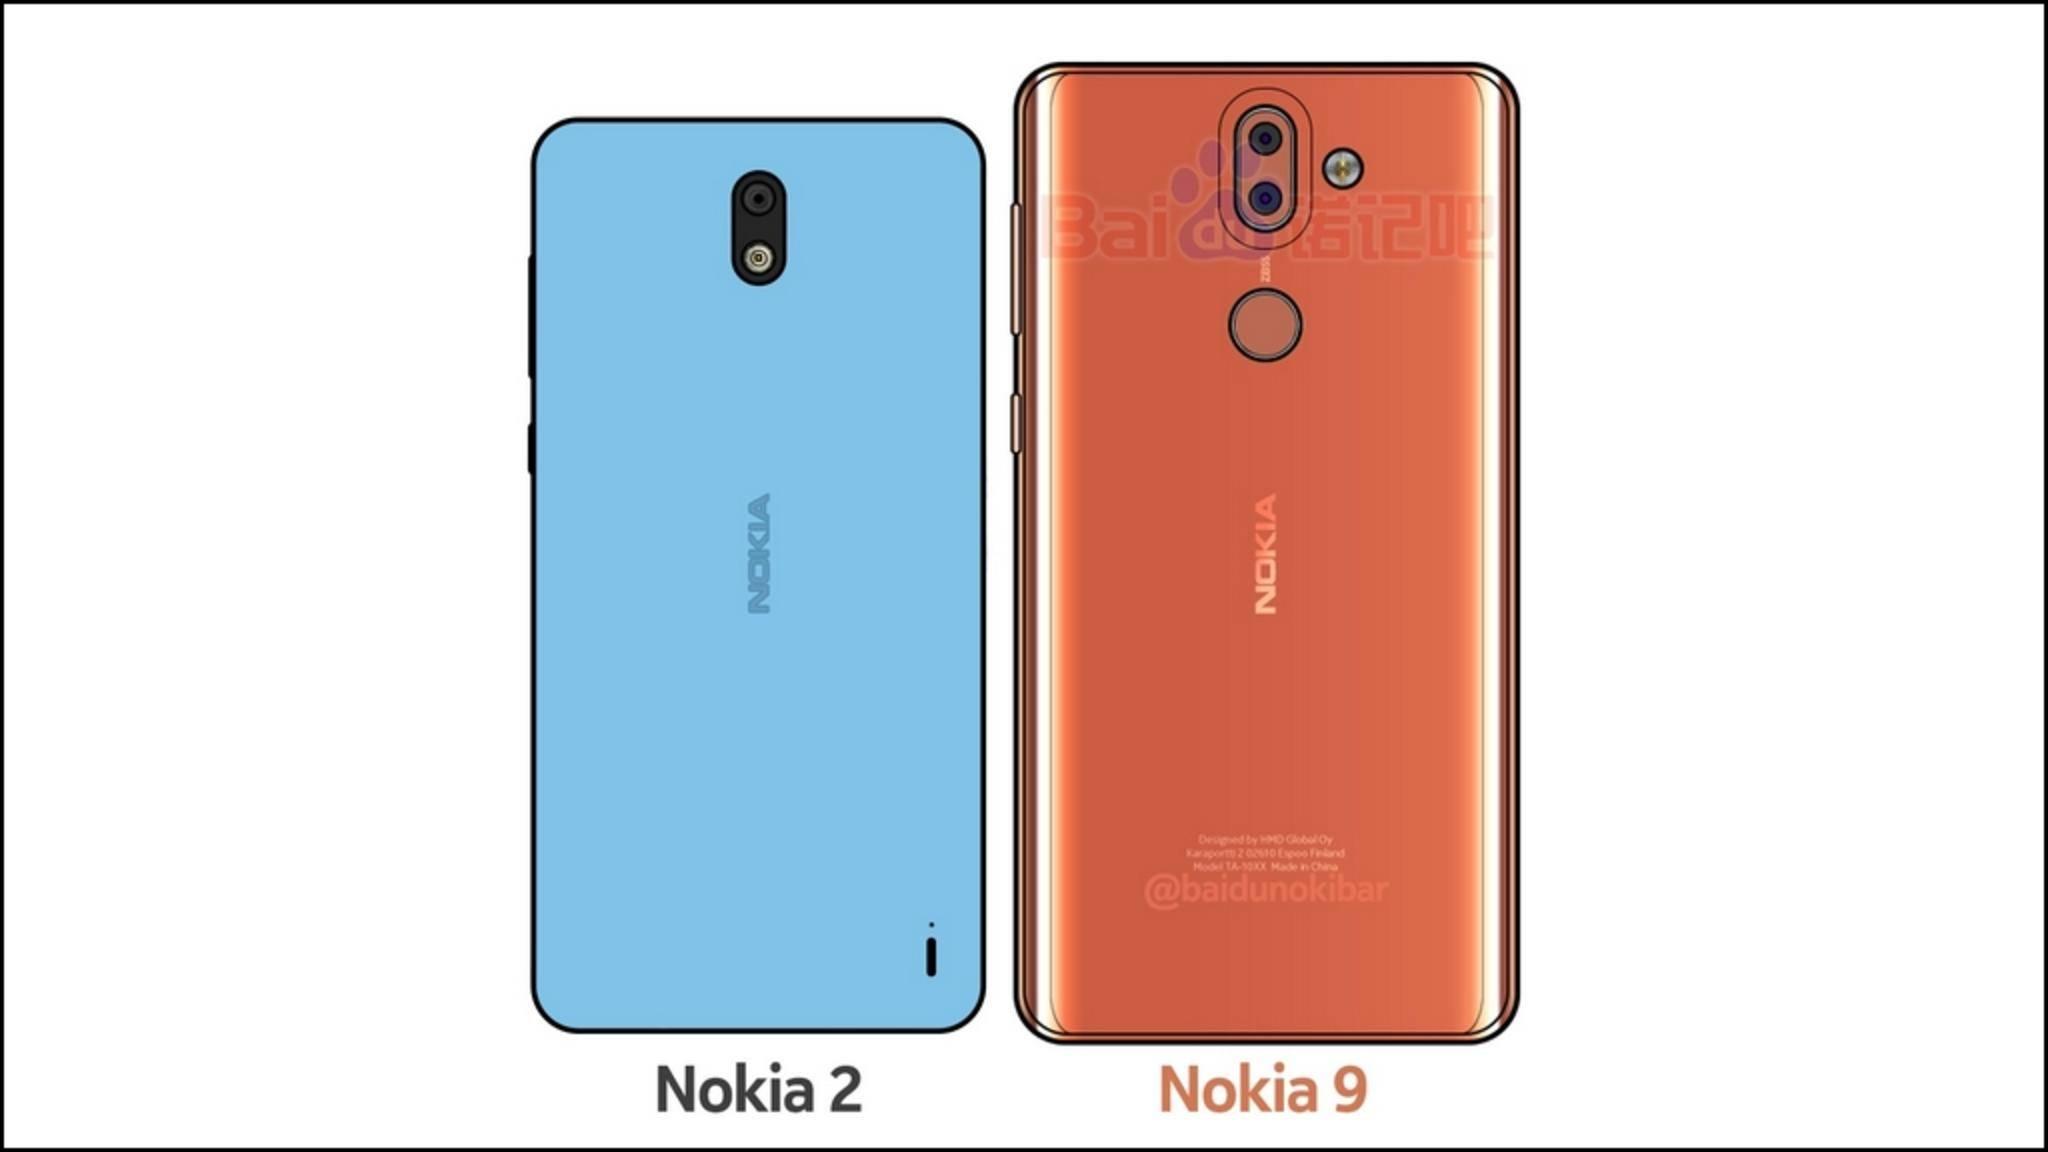 Hier soll das Nokia 9 neben dem Nokia 2 zu sehen sein.